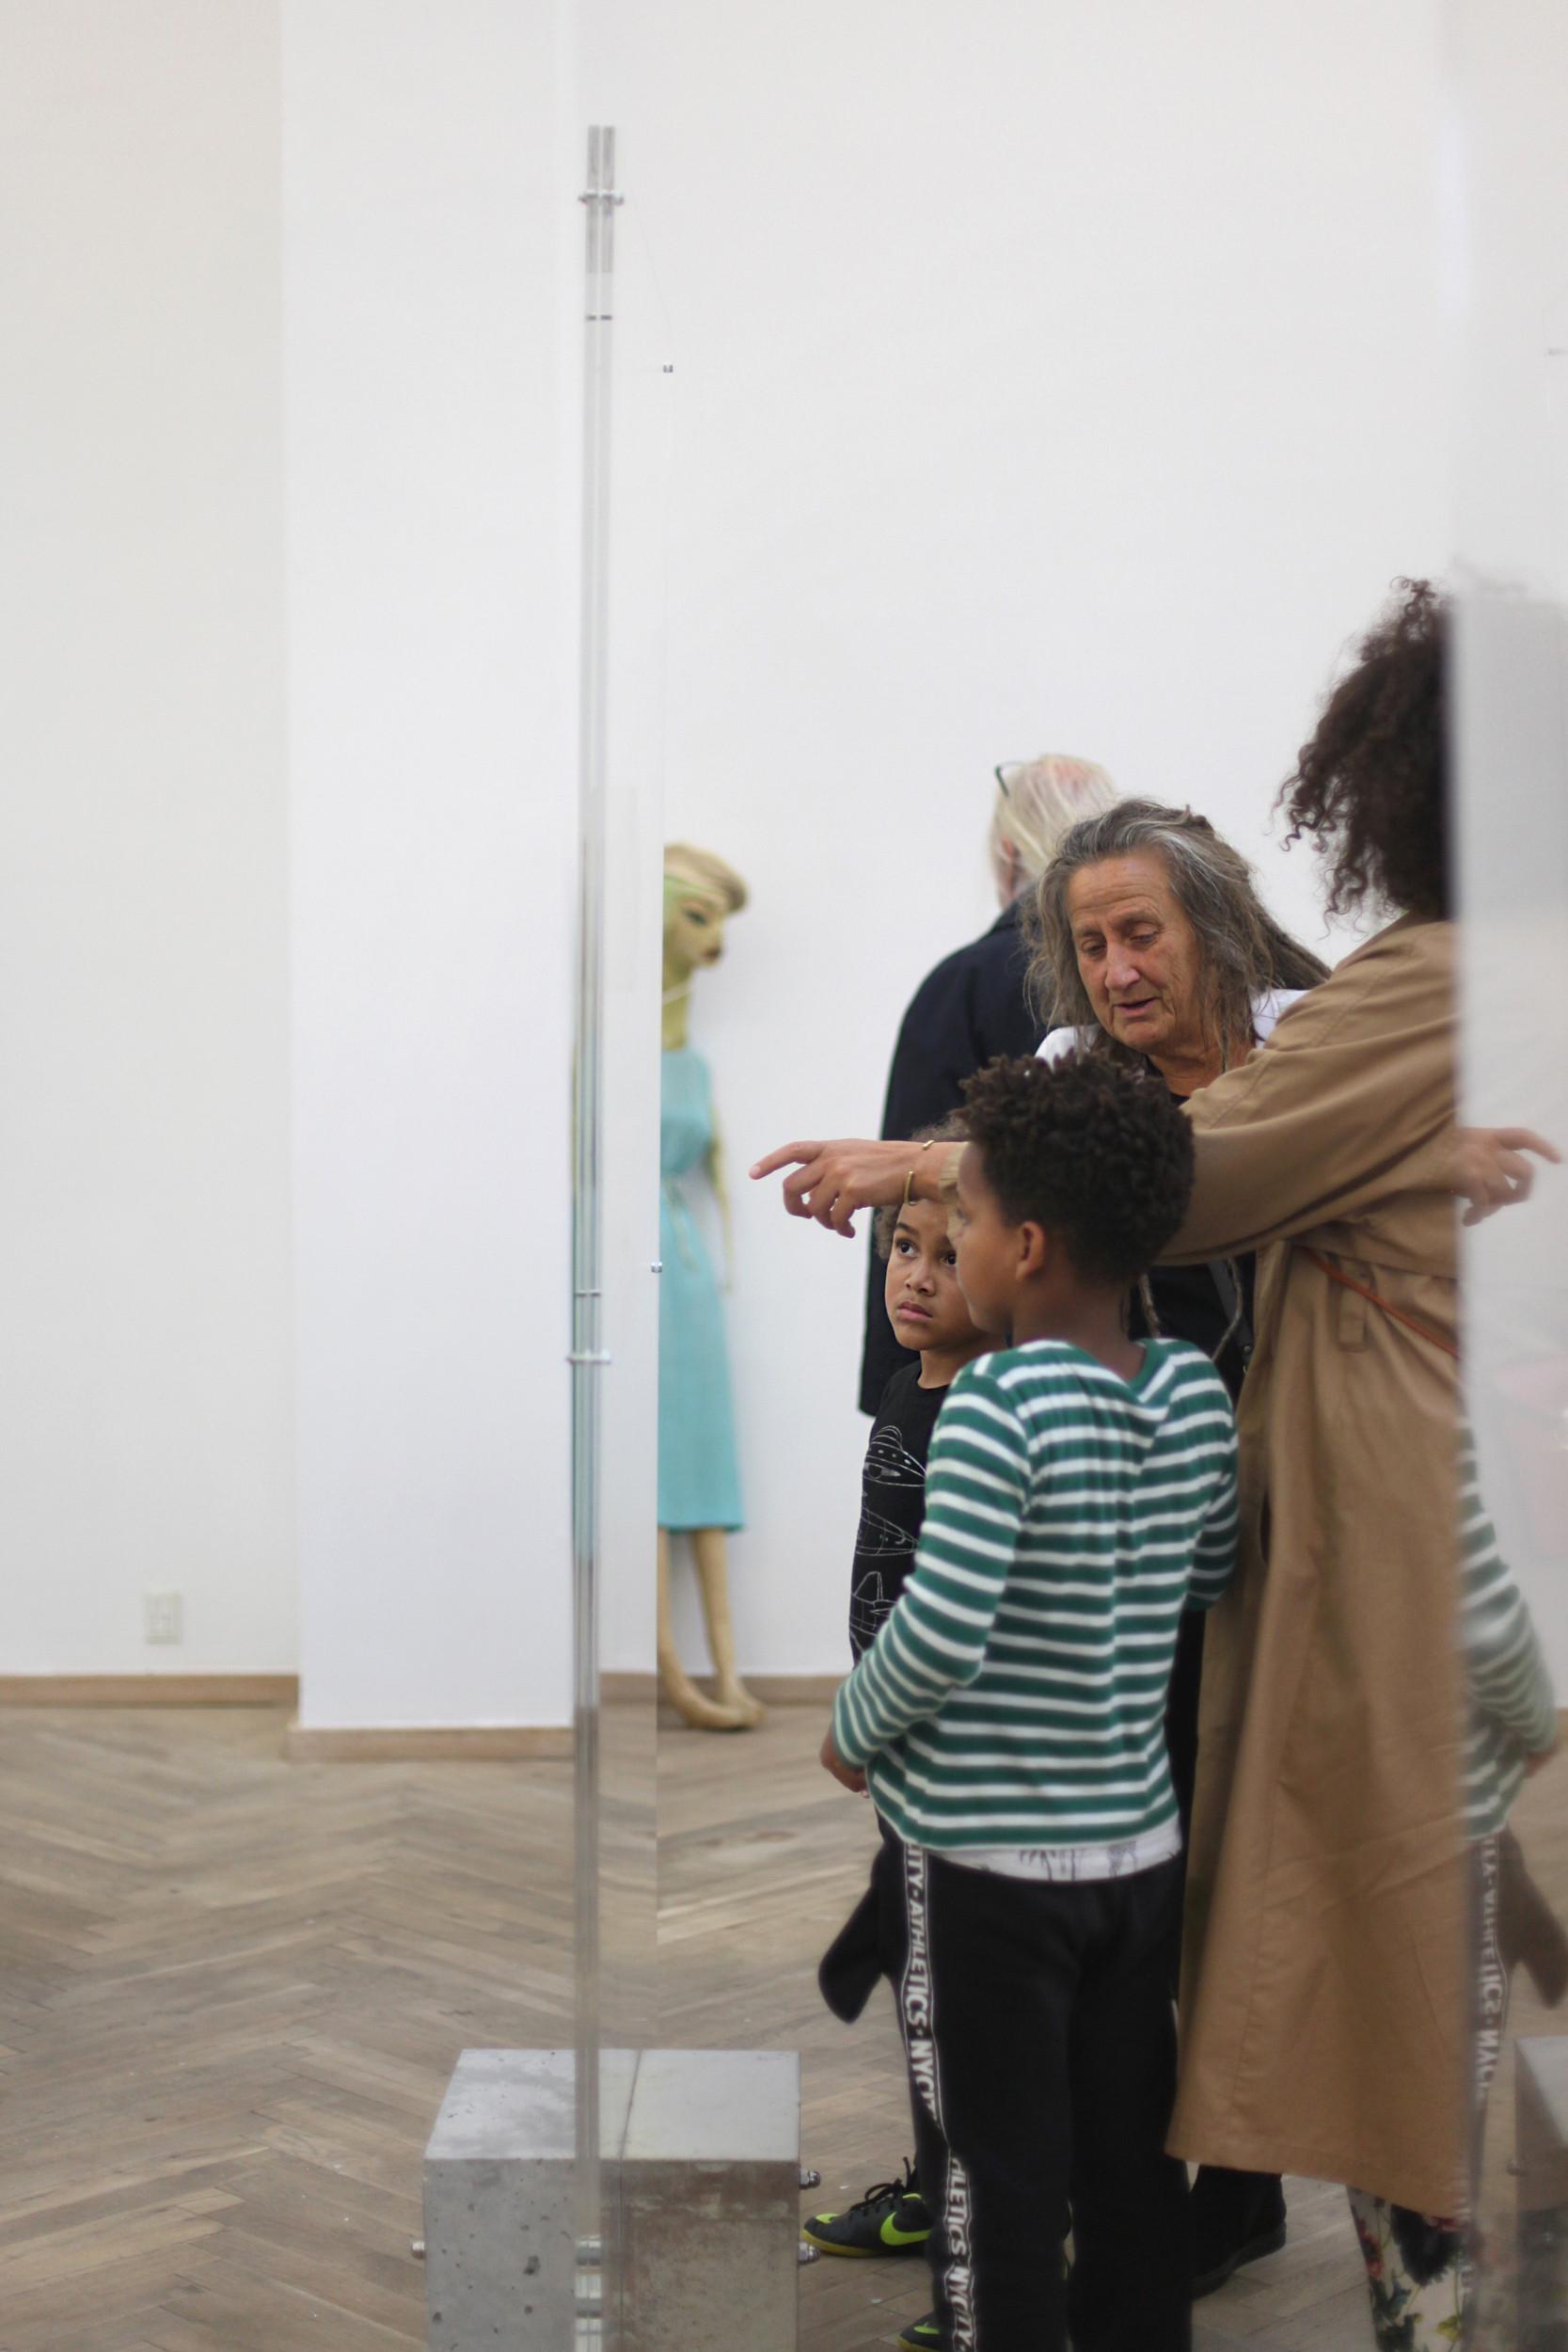 vilde livsdatter_exhibitions-7194.jpg